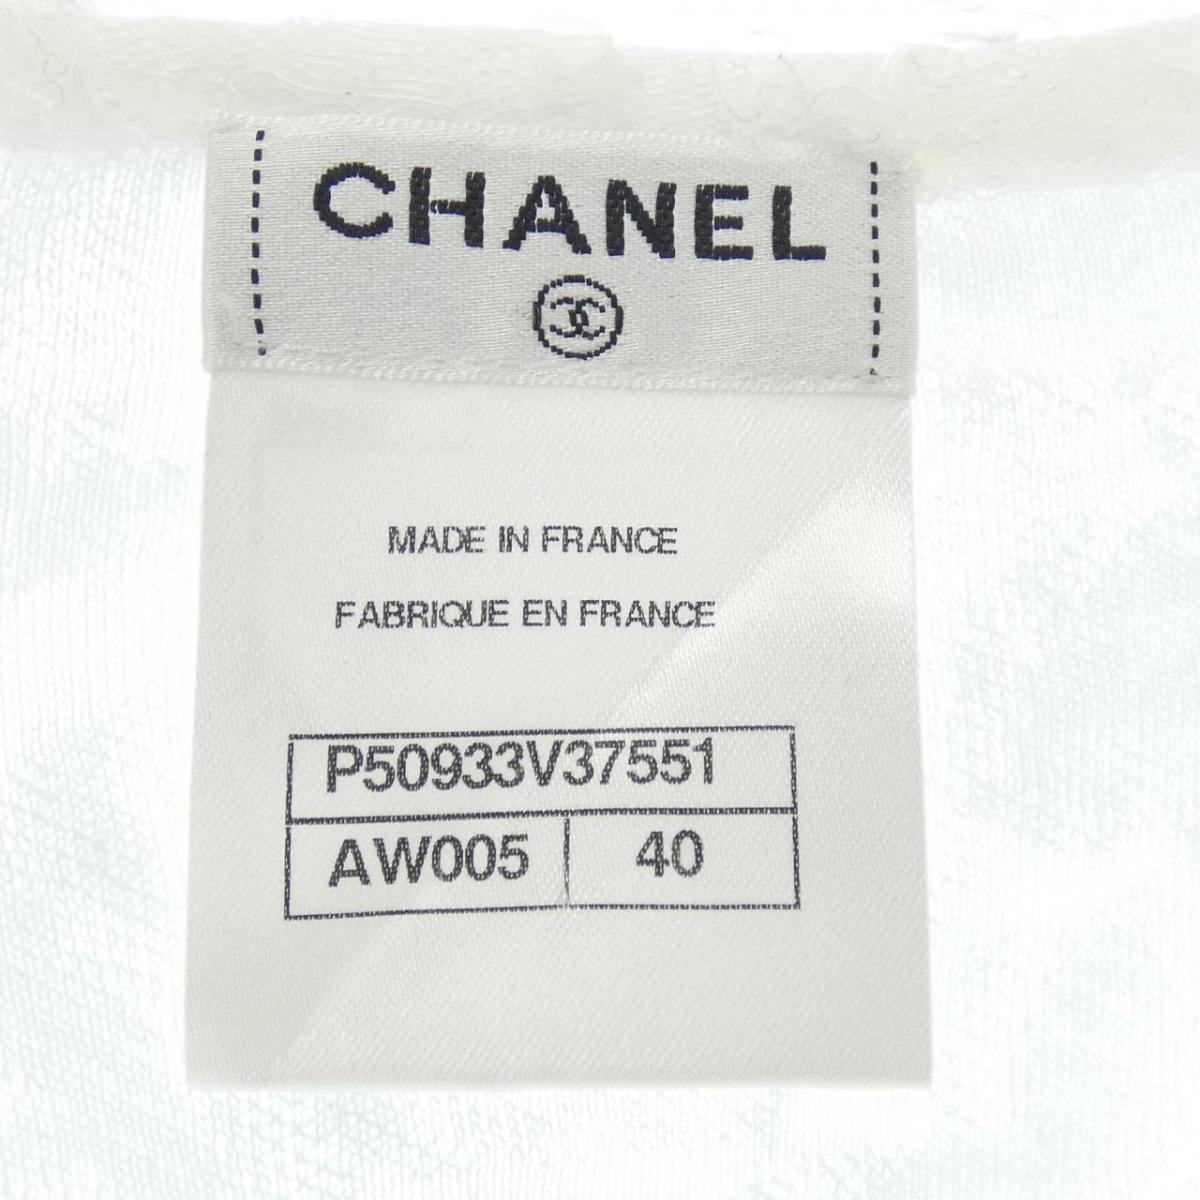 シャネル CHANEL トップス3Rcj5Lq4A